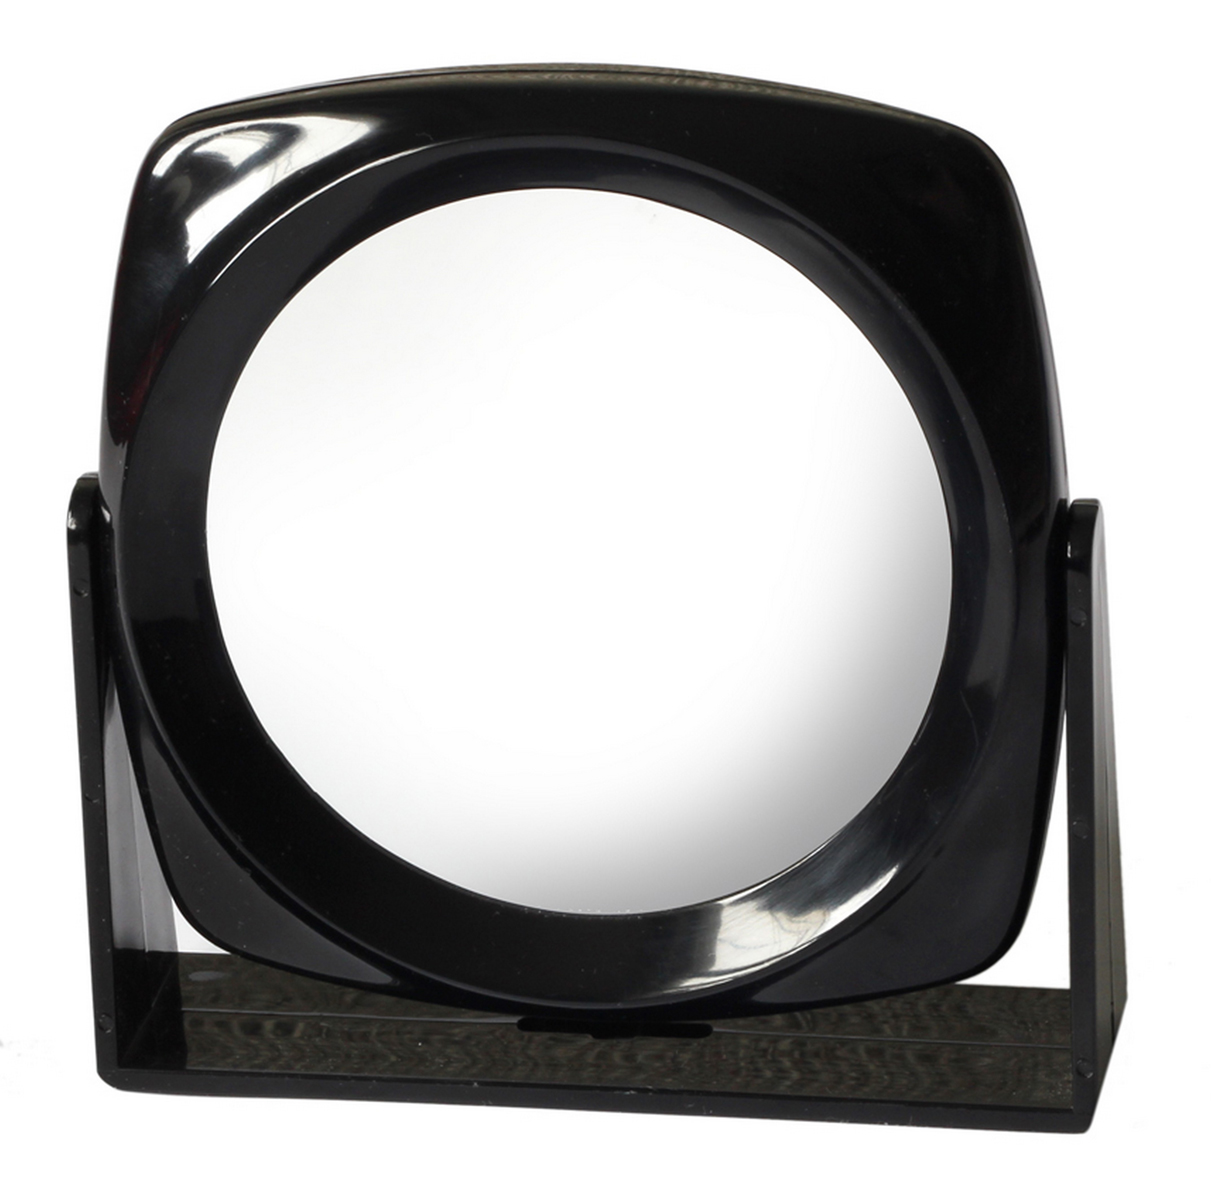 Silva Зеркало настольное, круглое, цвет: черный20850Зеркало двухсторонее, с трехкратным увелечением.